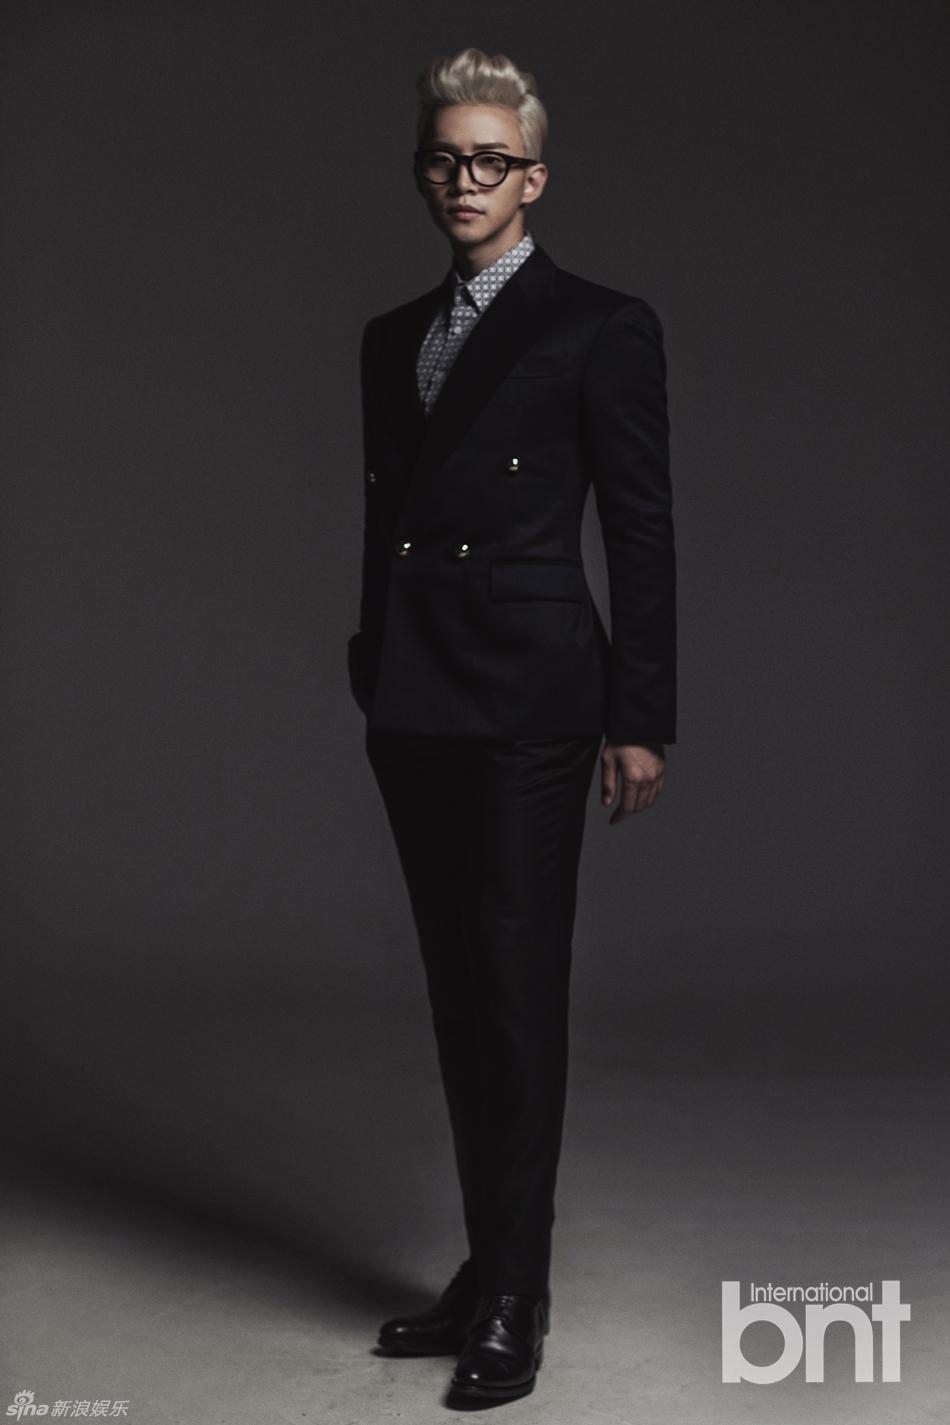 搭配时尚感十足的黑墨镜